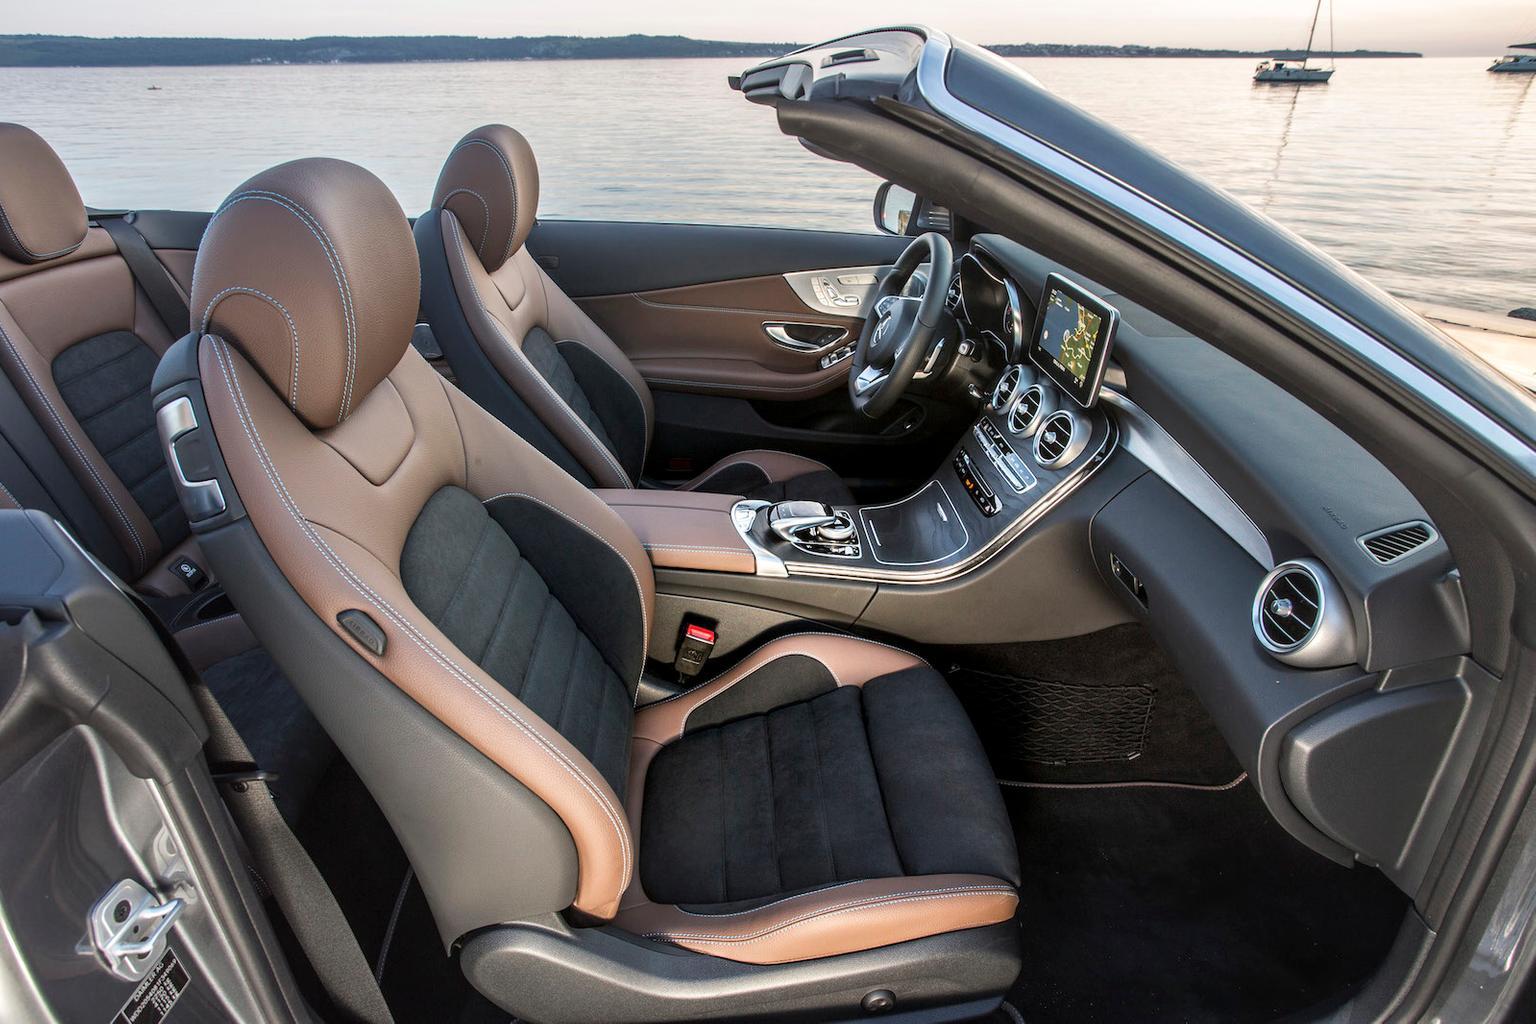 2016 Mercedes C 250 d Cabriolet review